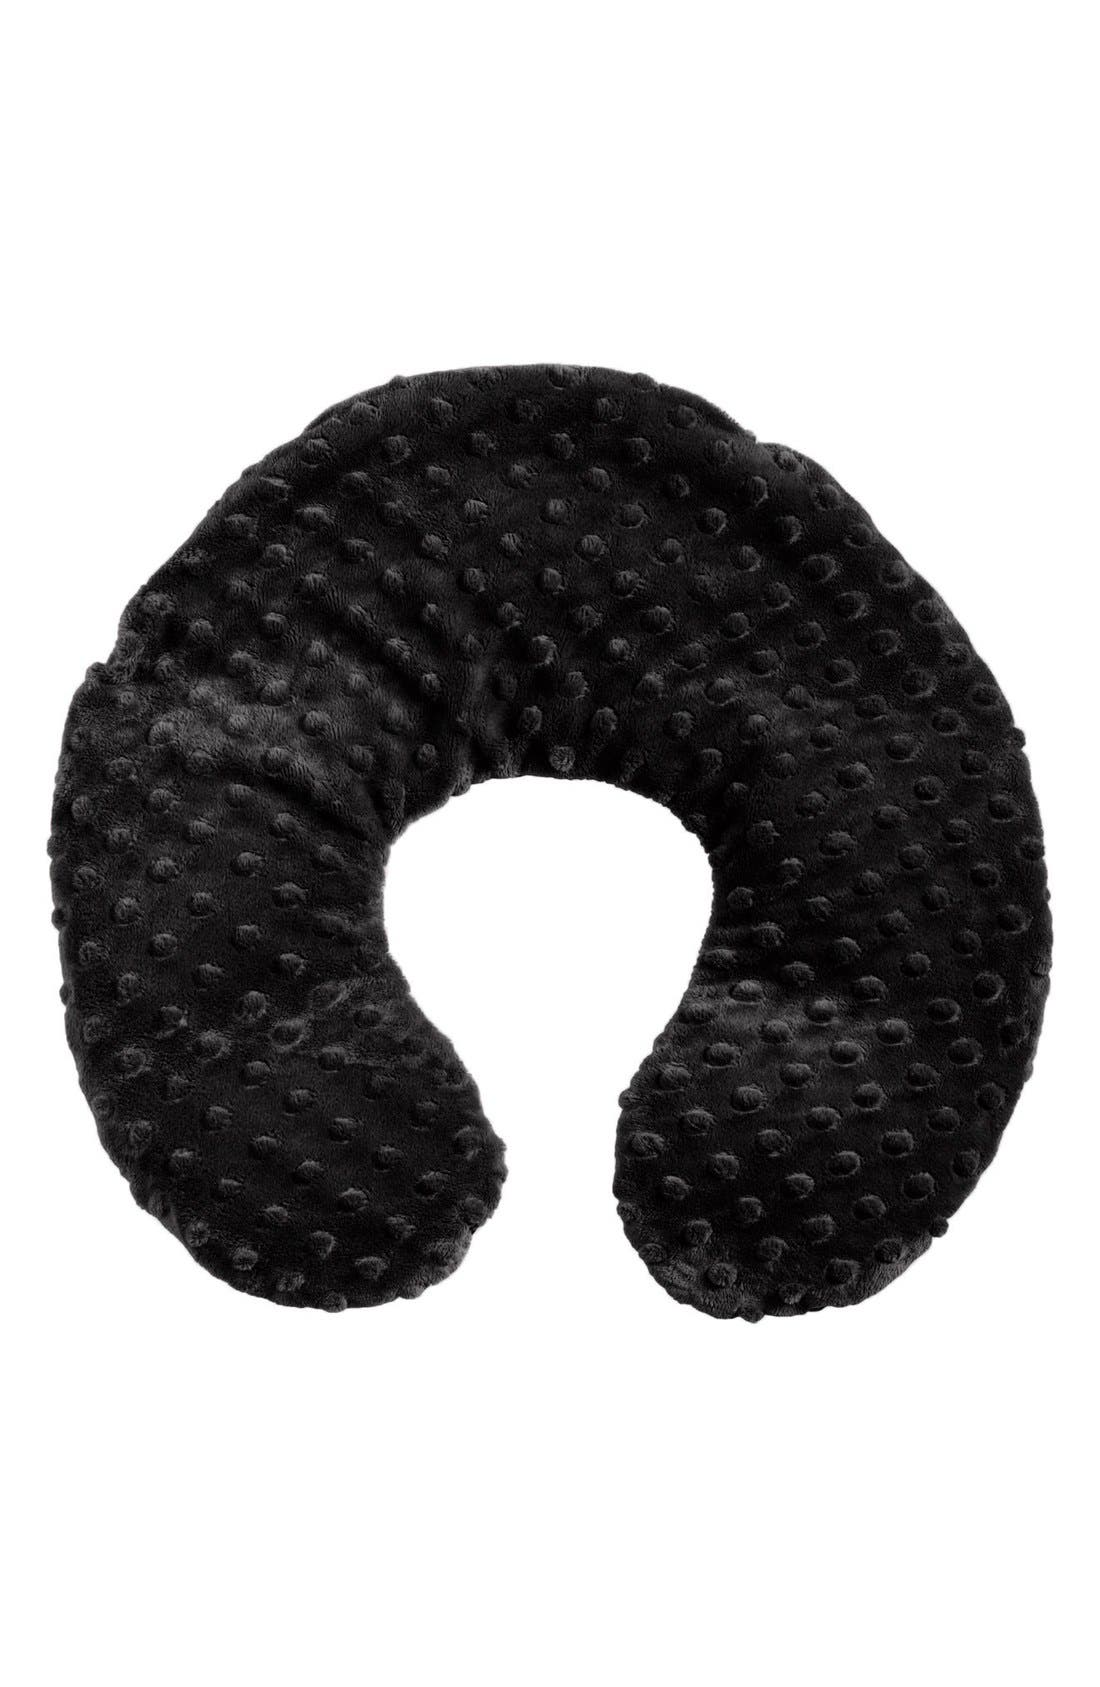 Alternate Image 1 Selected - Sonoma Lavender Black Dot Neck Pillow ($44 Value)